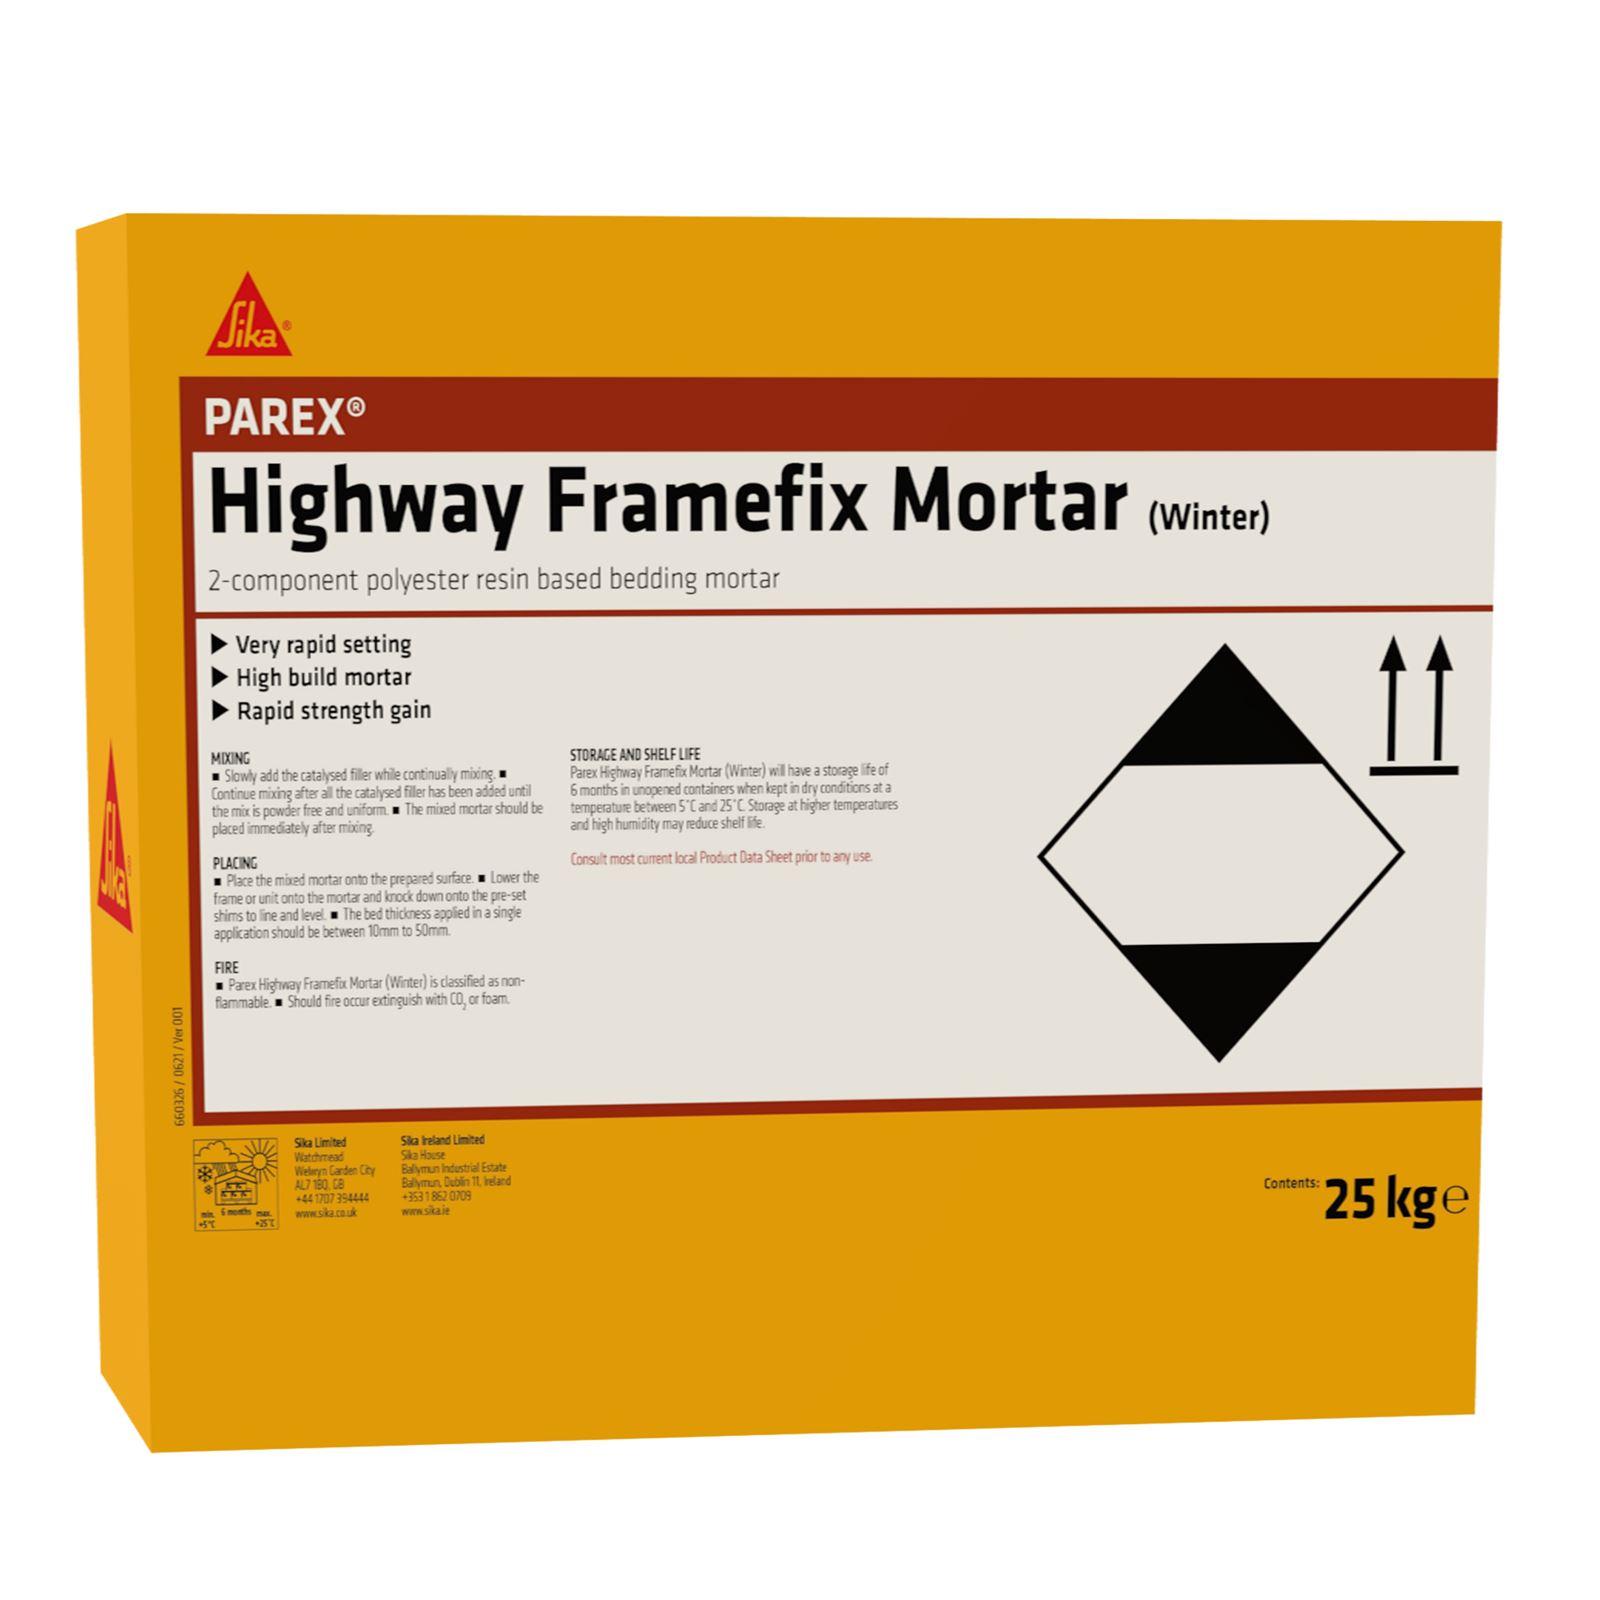 Parex Highway Framefix Mortar Summer